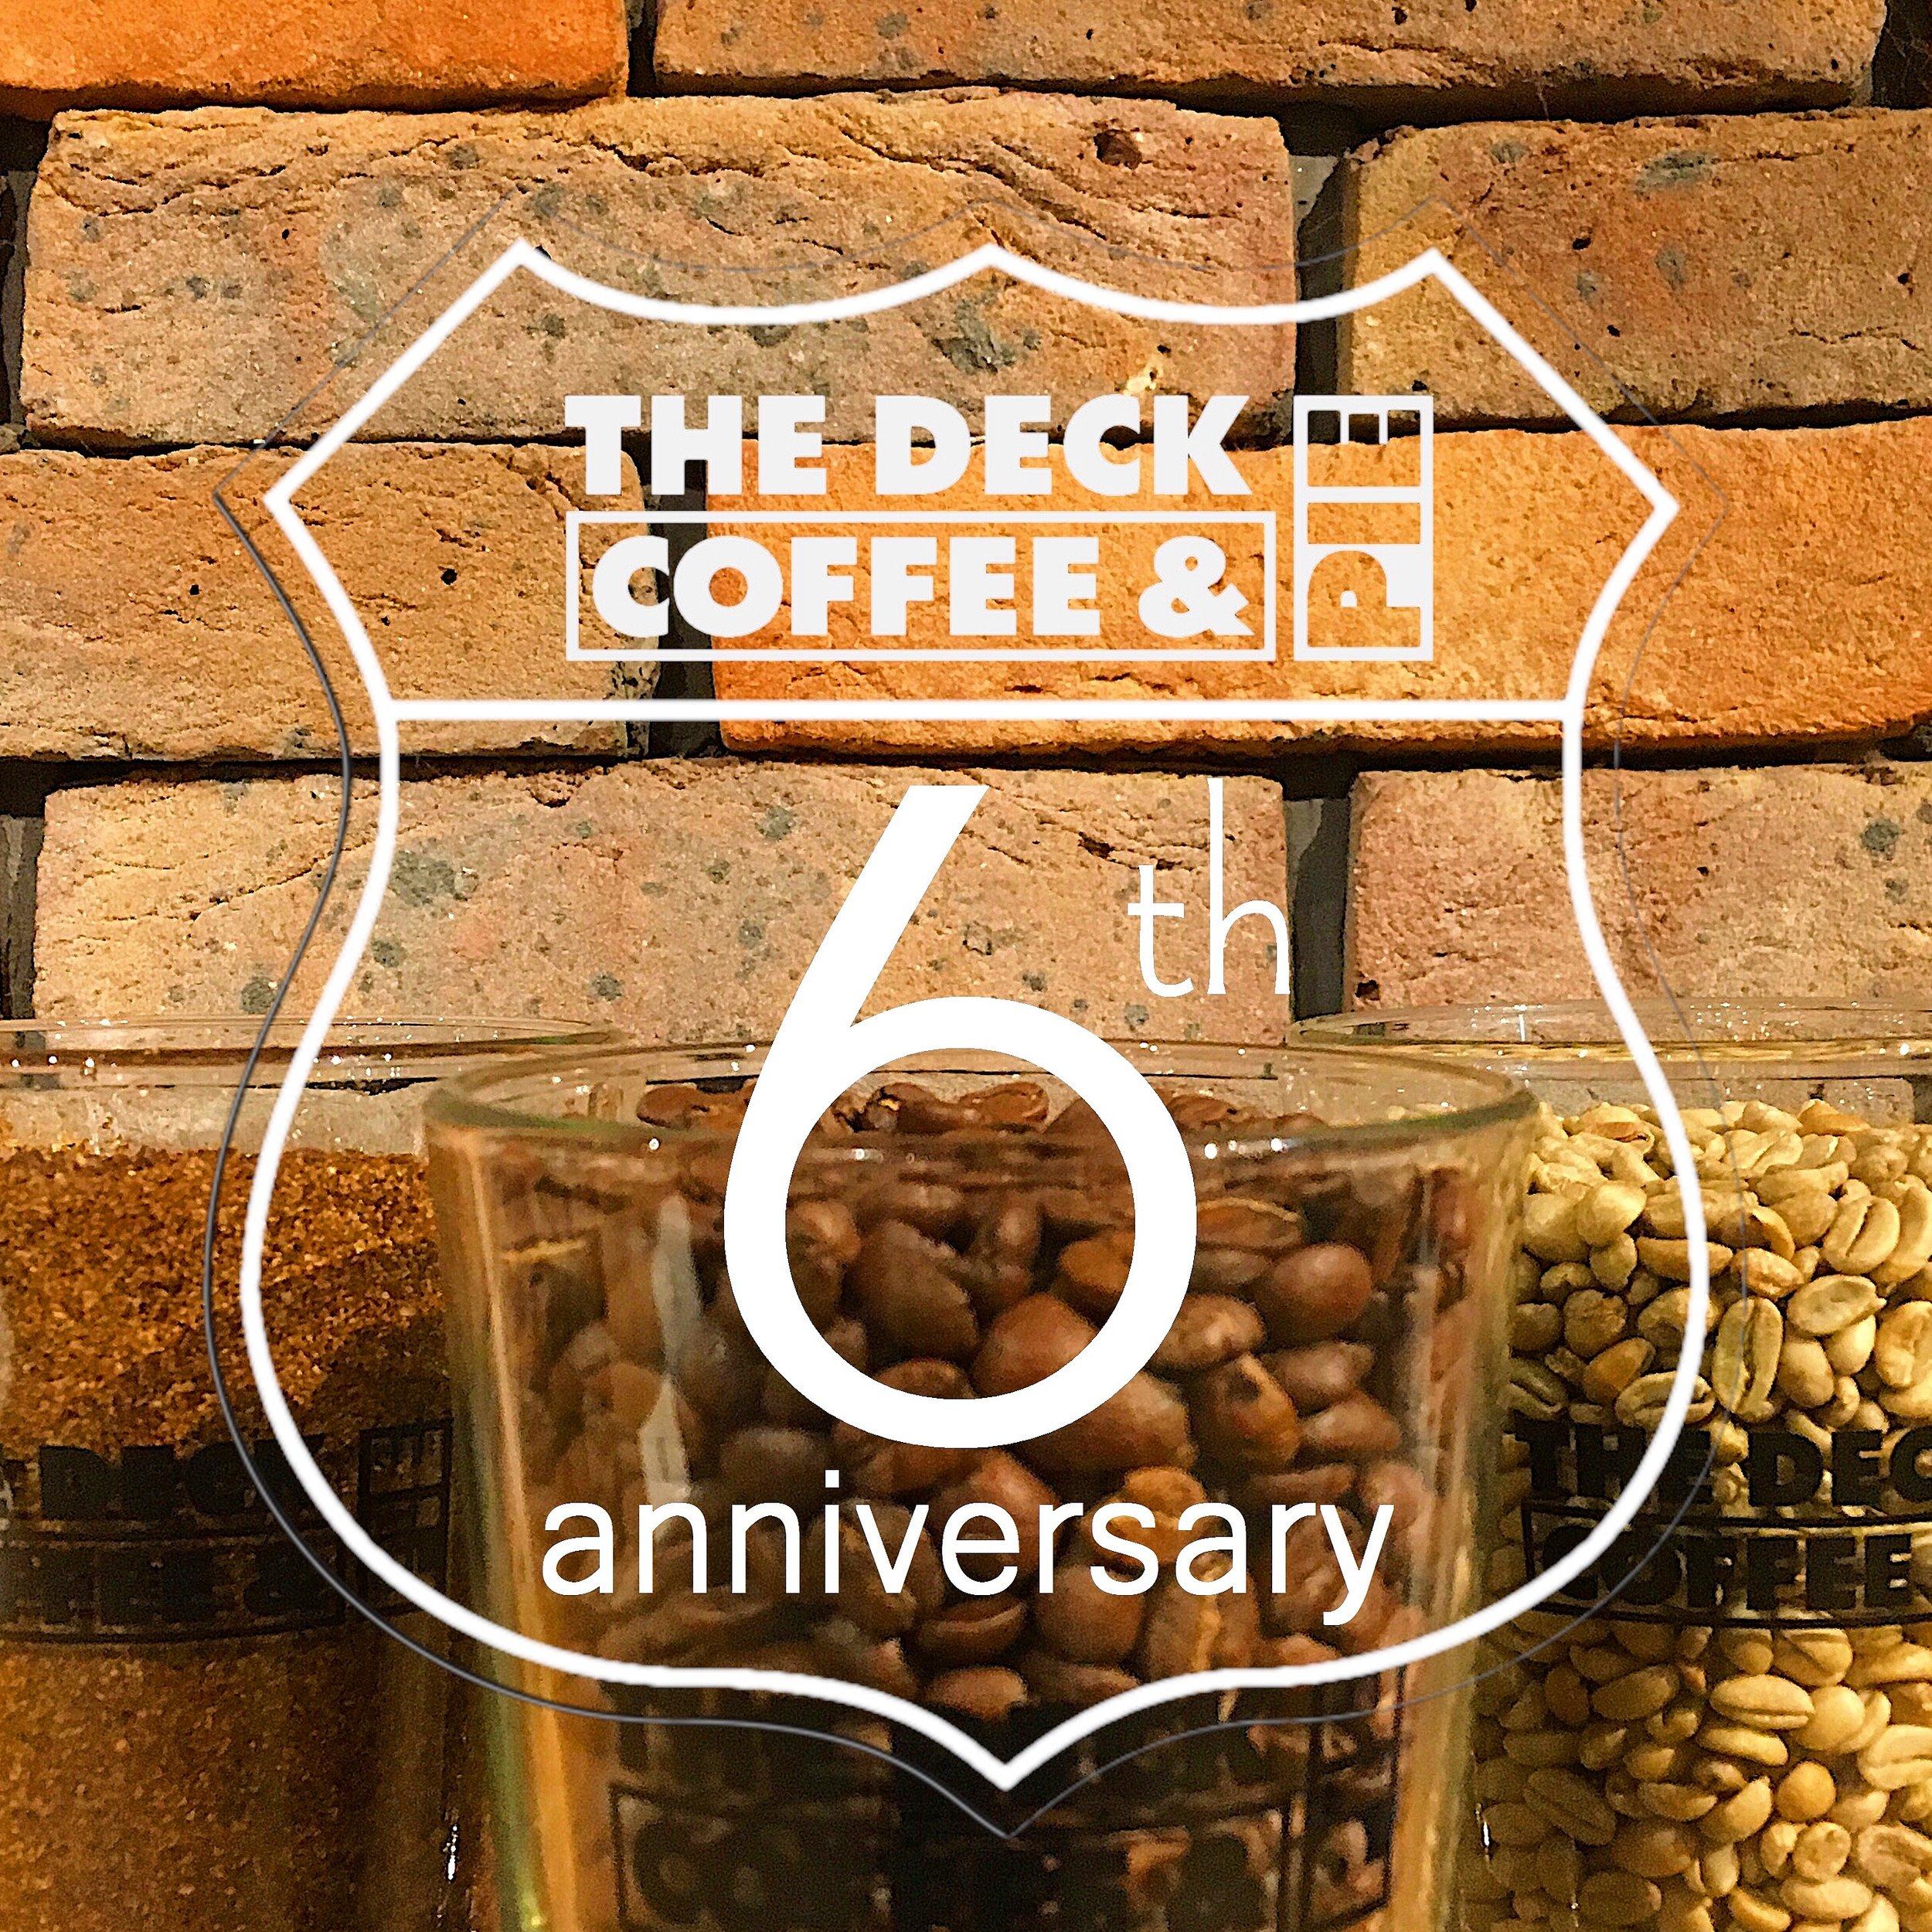 おかげさまでTHE DECK COFFEE & PIEが6周年を迎えますヽ(´▽`)/   皆々様へ、日頃の感謝を込めて特別企画をご用意させて頂きます♫     4/18(Thu)ALL50%OFF!!*1     4/20(Sat),21(Sun)Original Bag プレゼント!!*2 *1...商品により当日売り切れになる場合がございます。ご了承のほど宜しくお願い申し上げます。 *2...各日数量限定。お会計1組につきお1つとさせて頂きます。     年に1度の感謝祭!皆様のお越しをお待ちしております︎